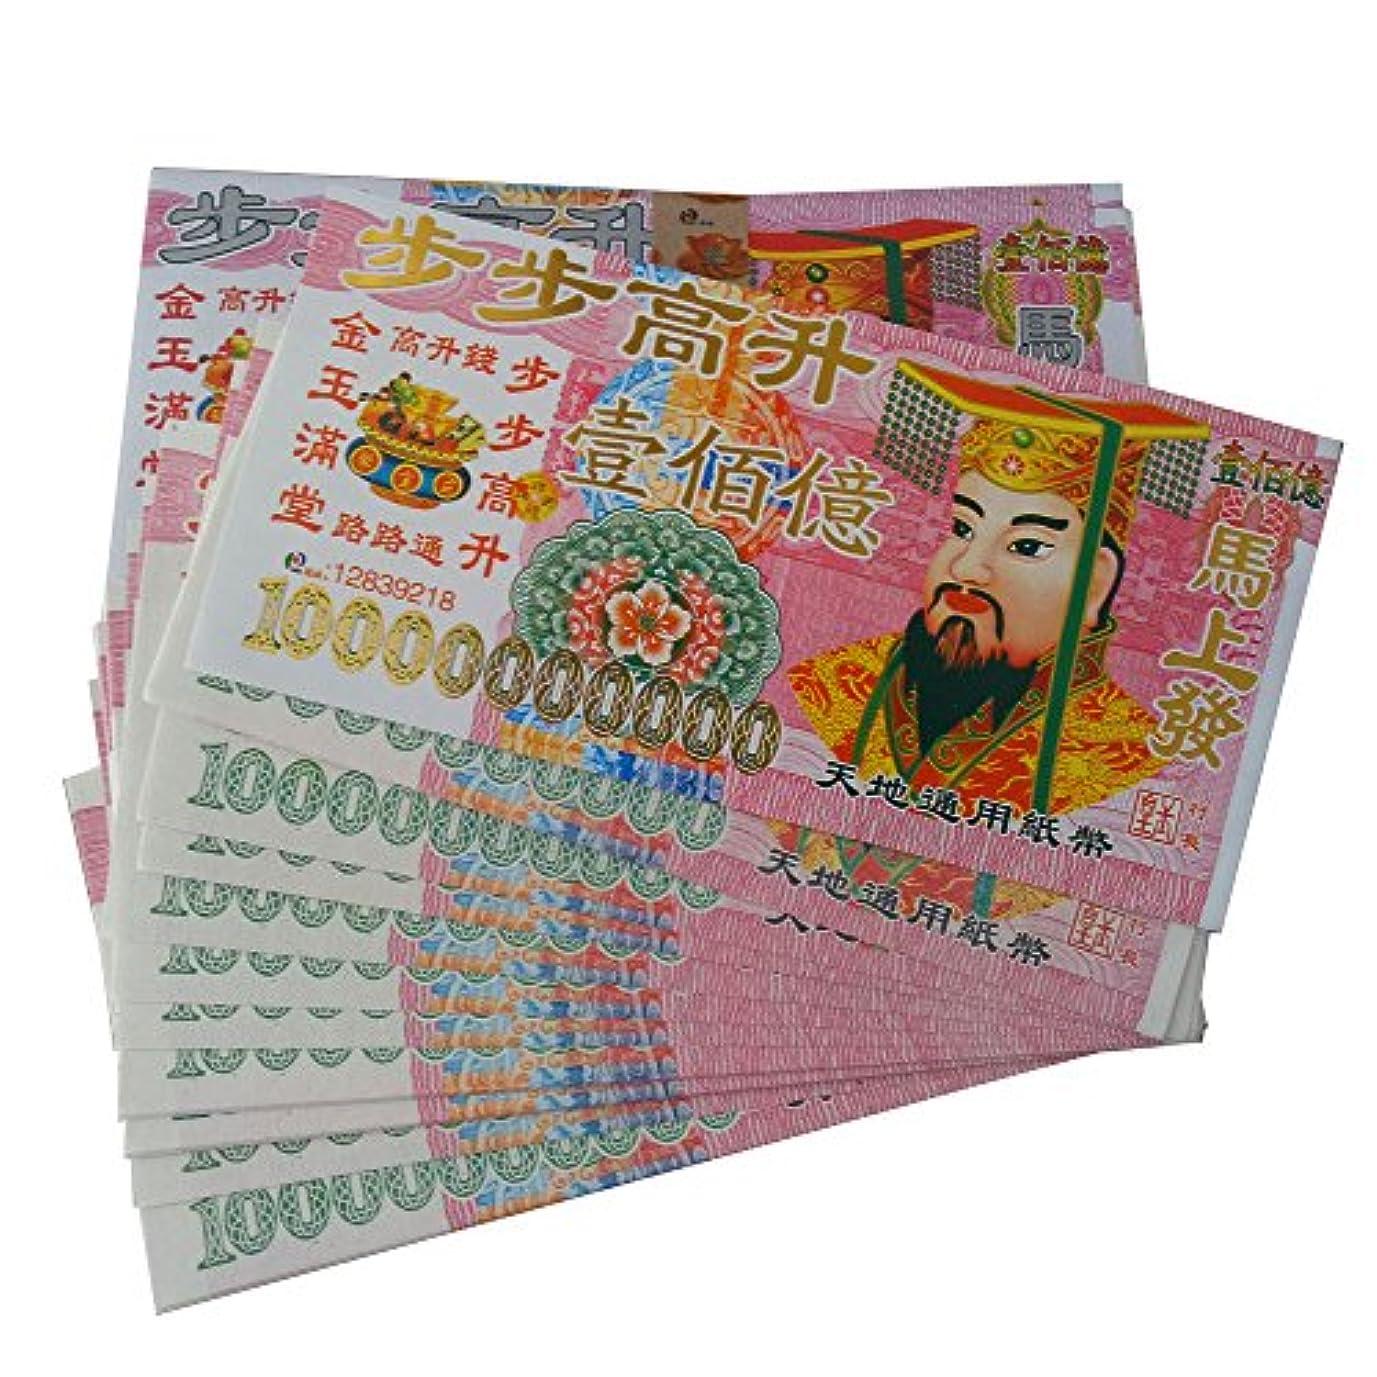 調べるネブ慎重zeestar Chinese Joss Paper Money Hell Bank Note $ 10,000,000,000 9.8インチx 5.1インチ(パックof 120 )